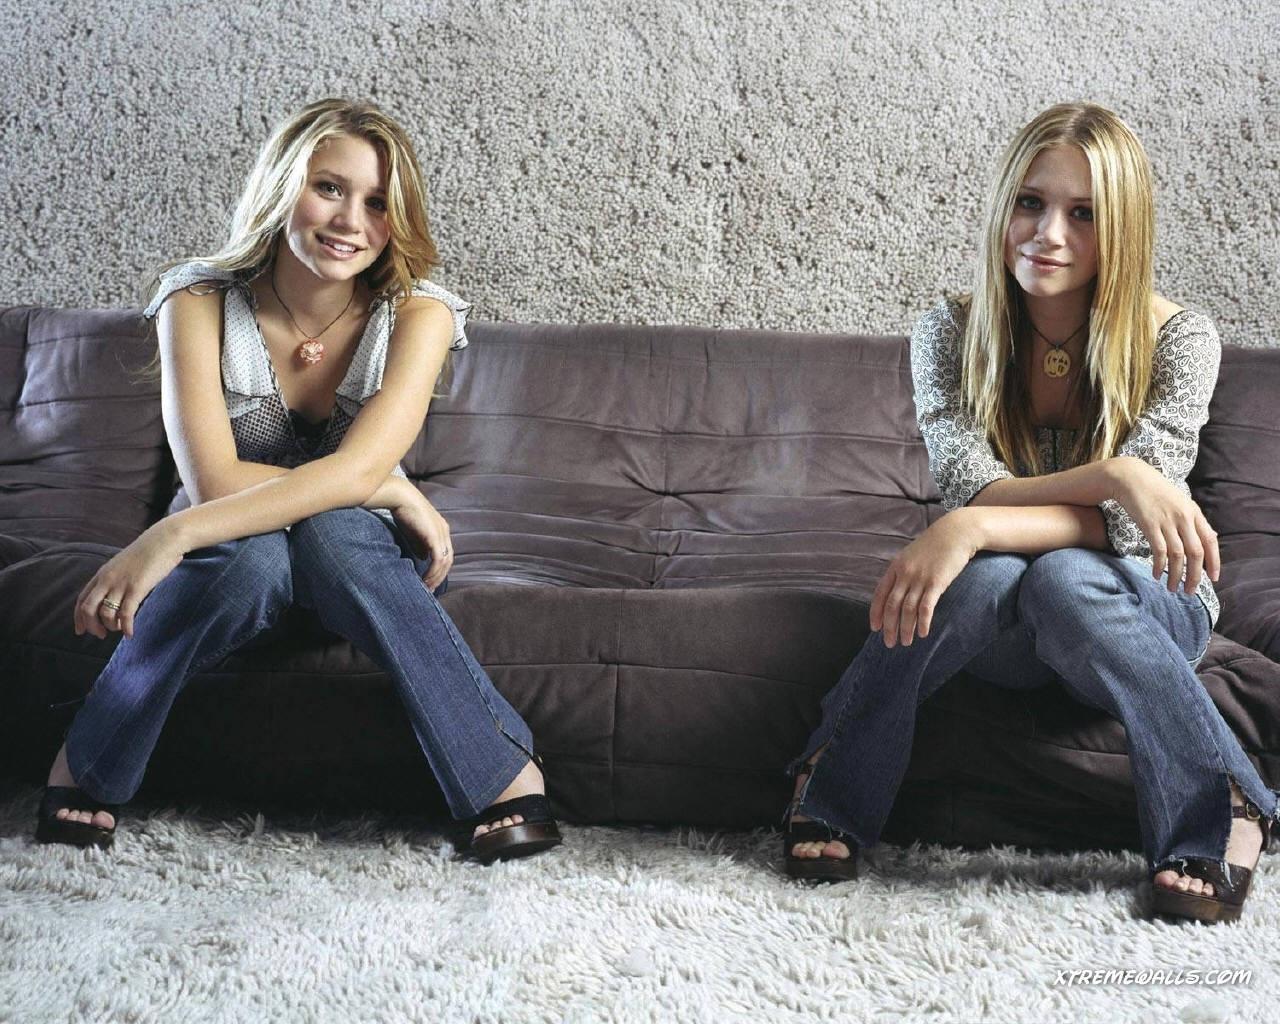 olsen twins wallpaper 1280x1024 hd wallpaper home actress olsen twins 1280x1024